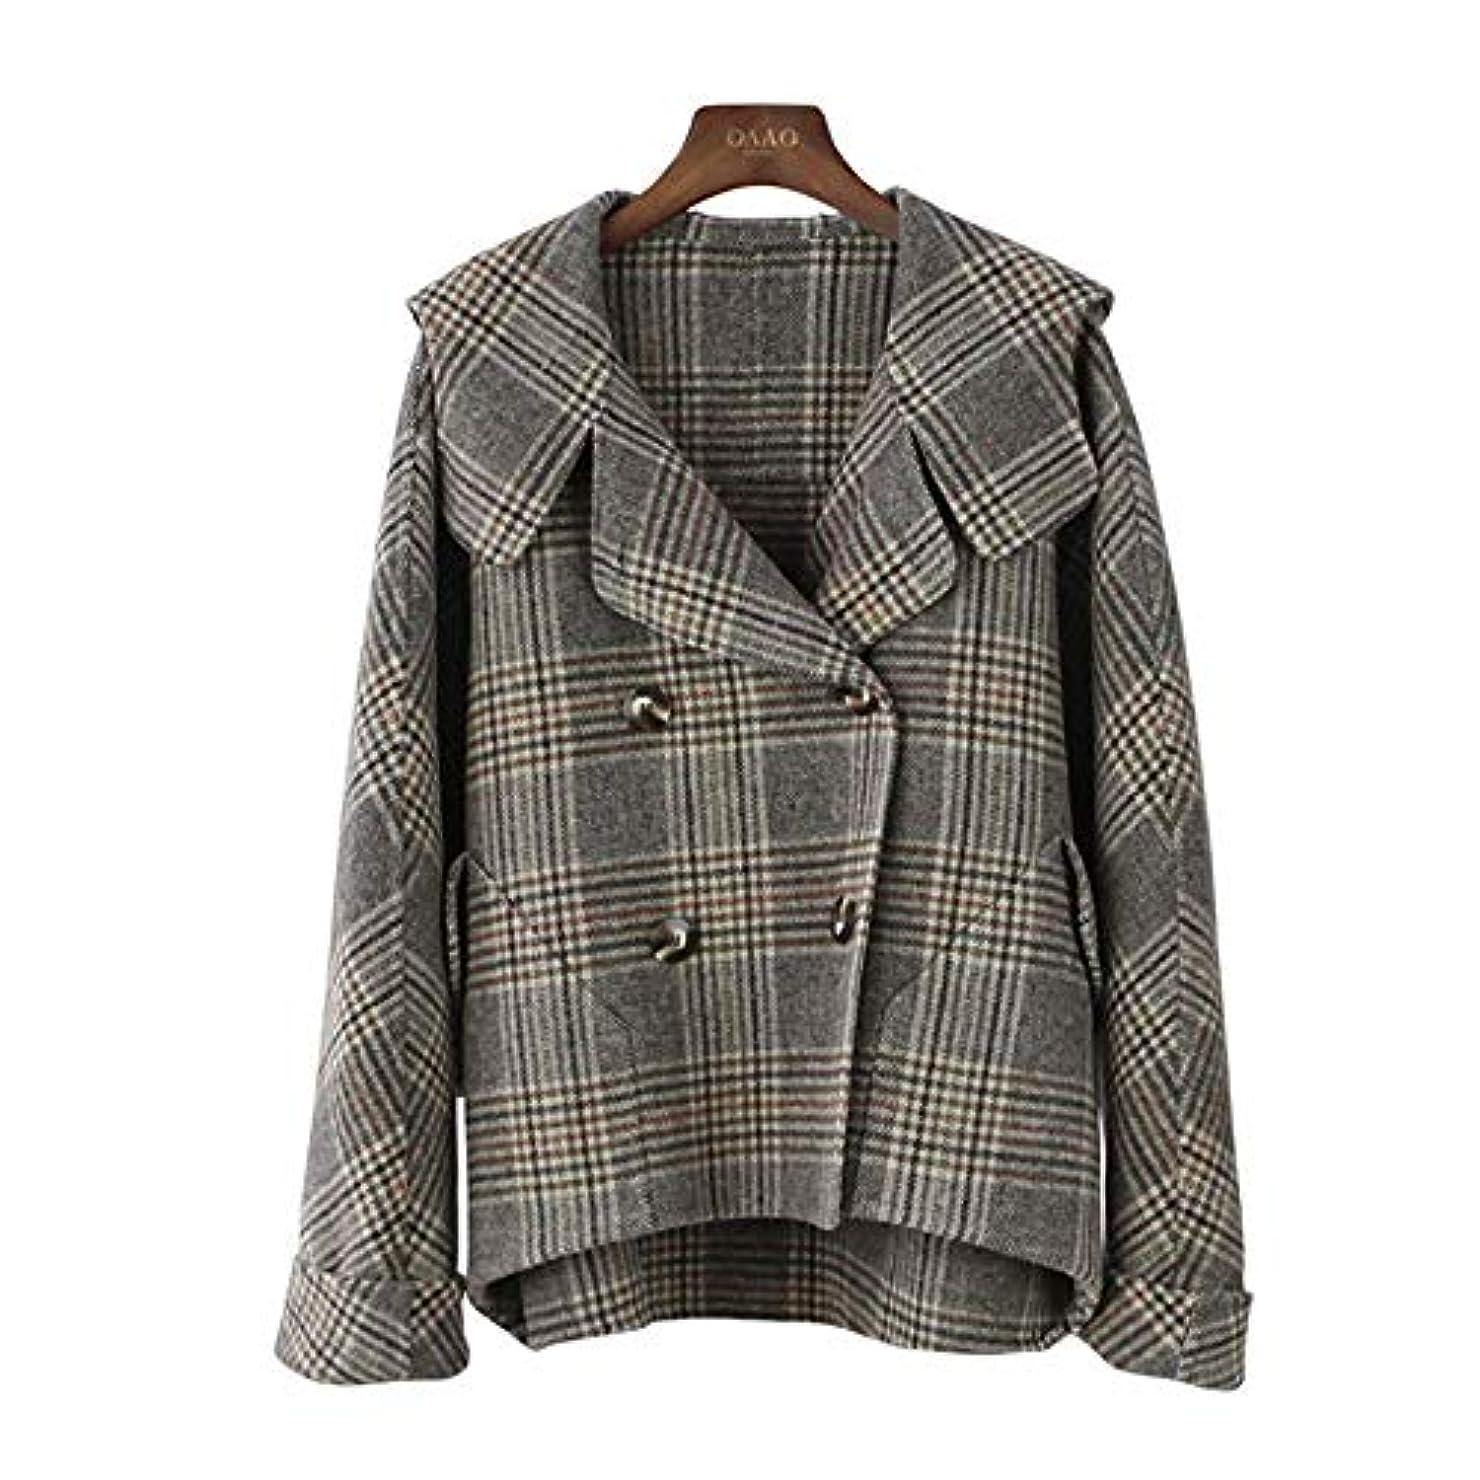 絶縁する赤ちゃん受け取るカシミヤのコート、秋と冬の新しいコート両面ウールのコートのフード付きのバットスリーブチェック柄コートウールコート,M